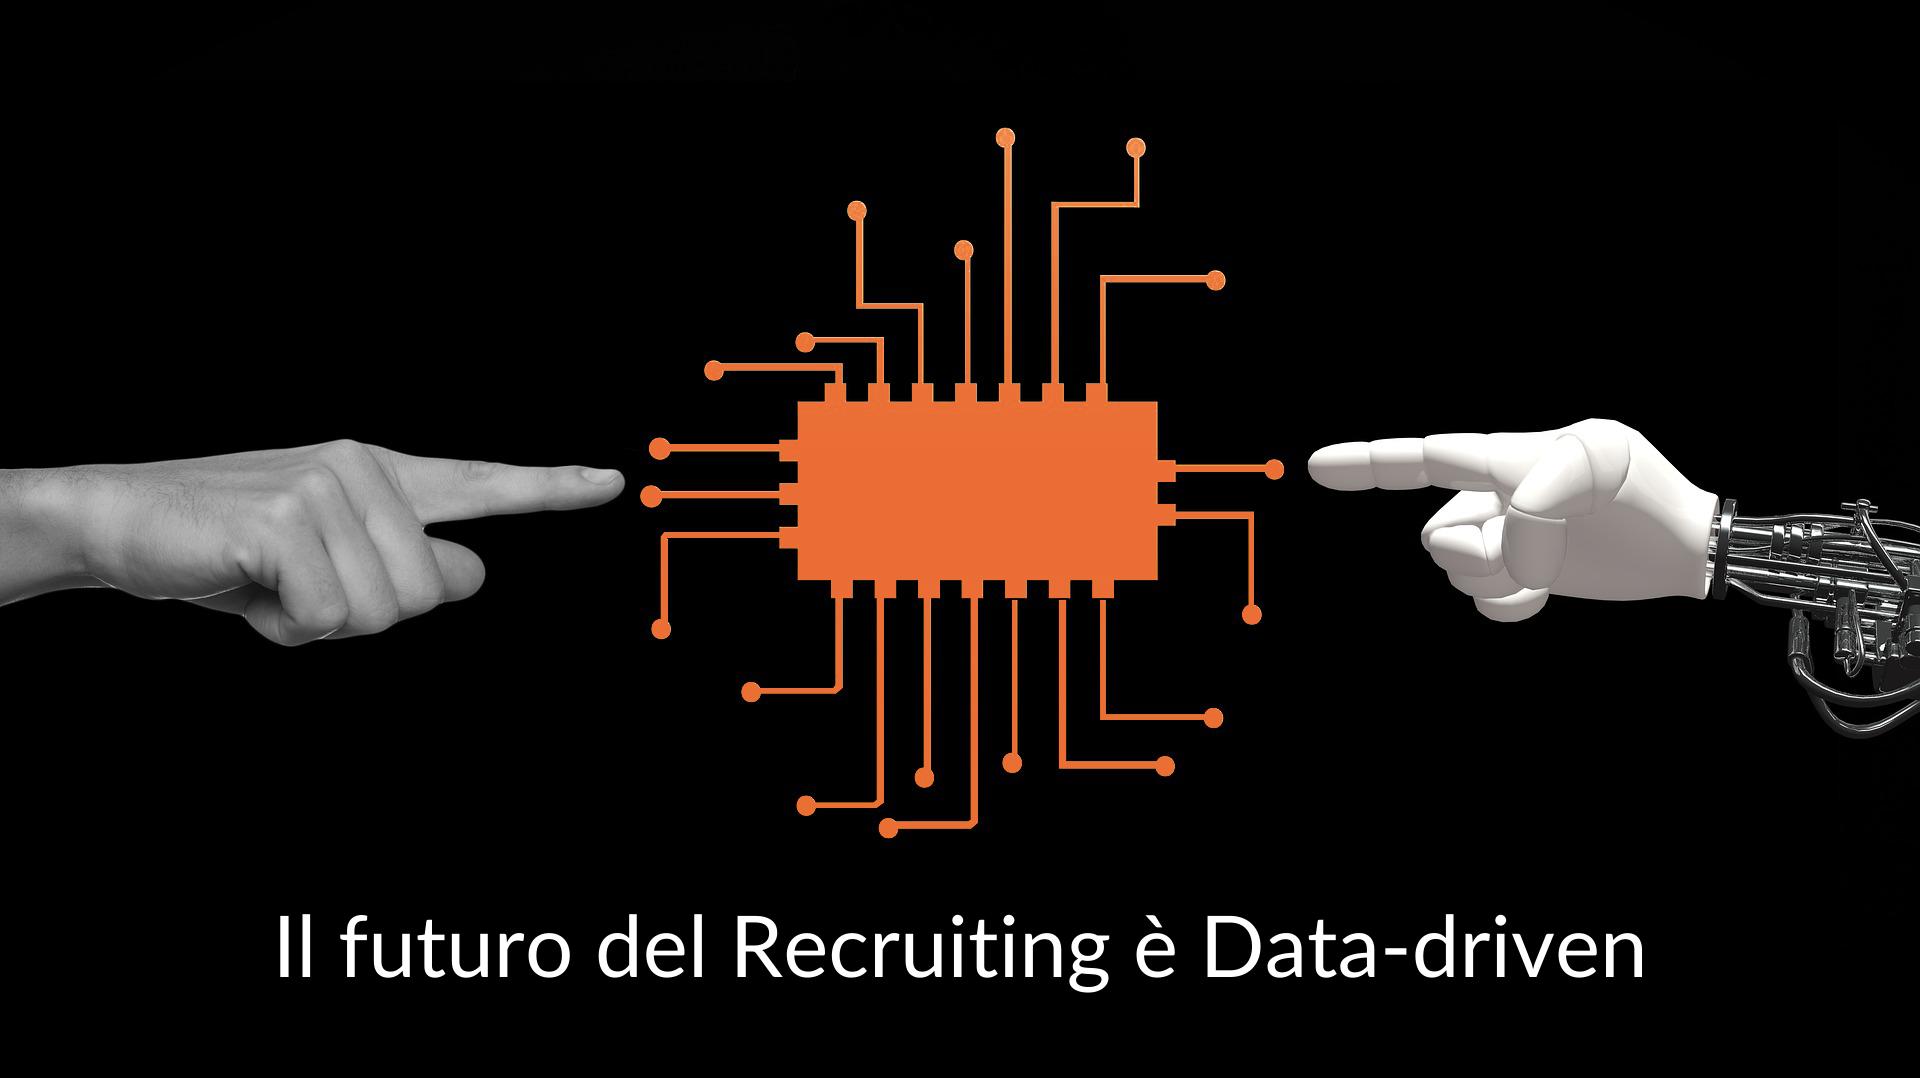 Come dare valore alle Risorse Umane con il Data-driven recruiting